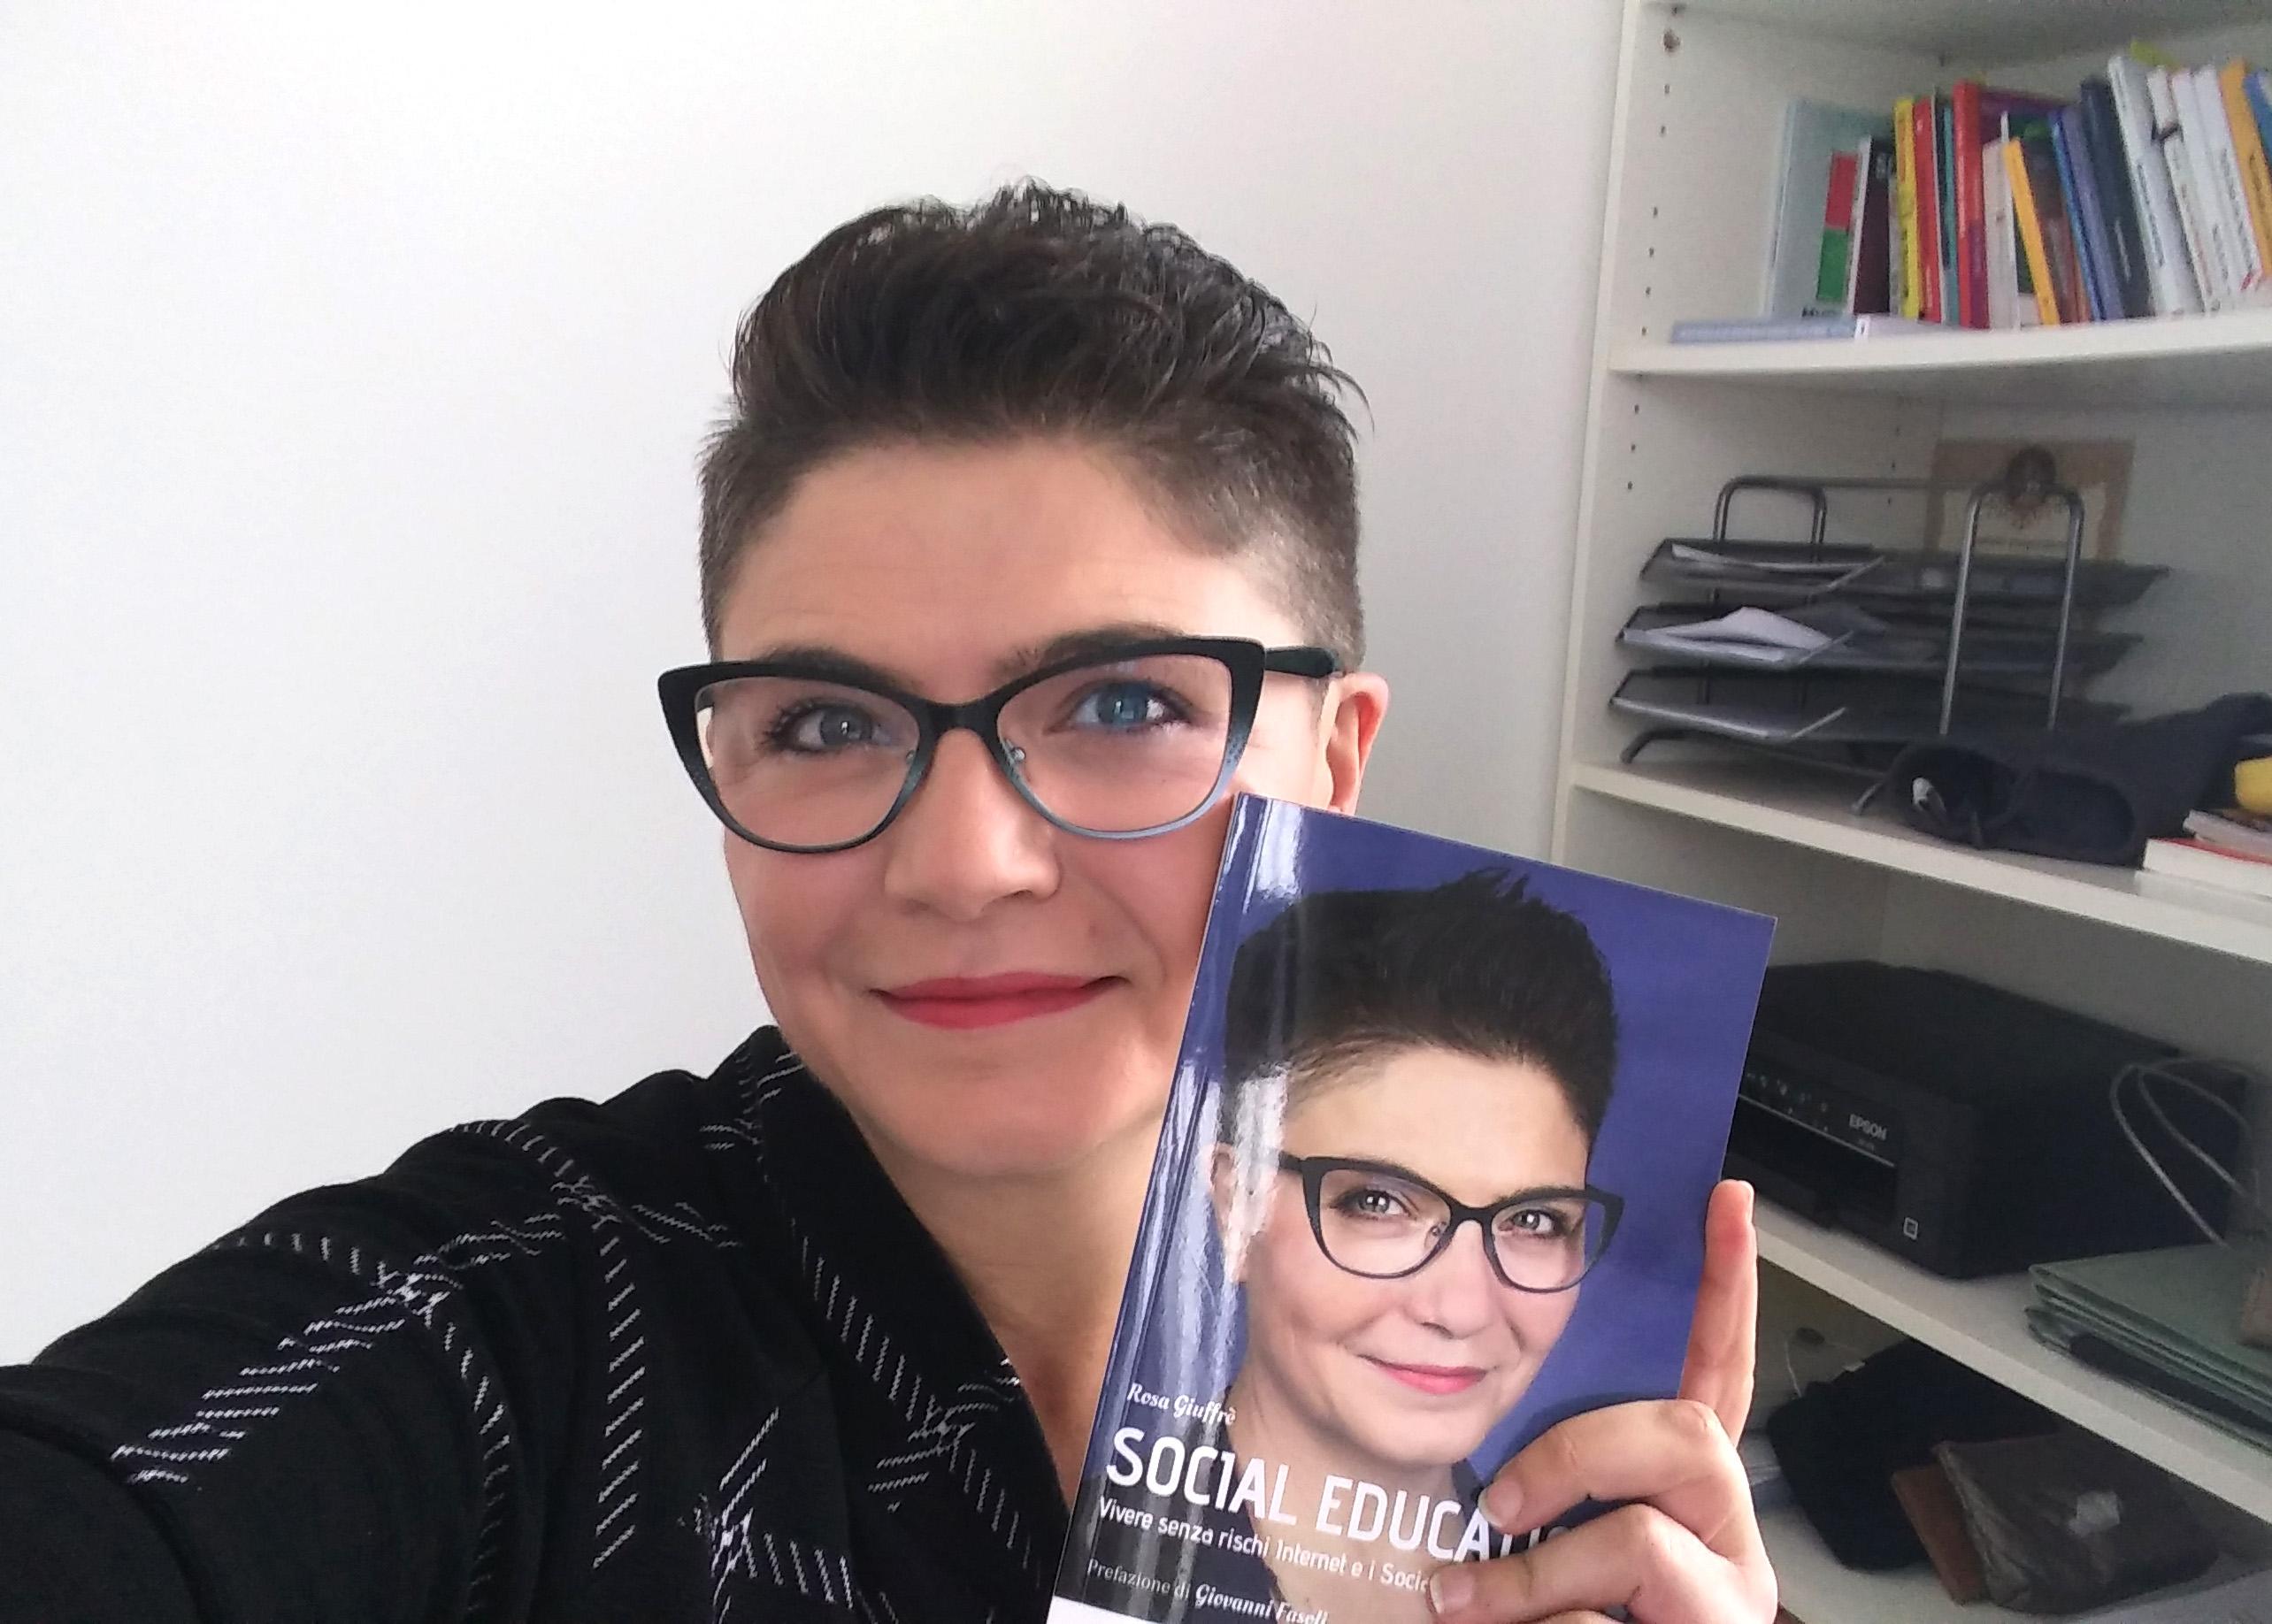 acquisto libri di Rosa Giuffrè